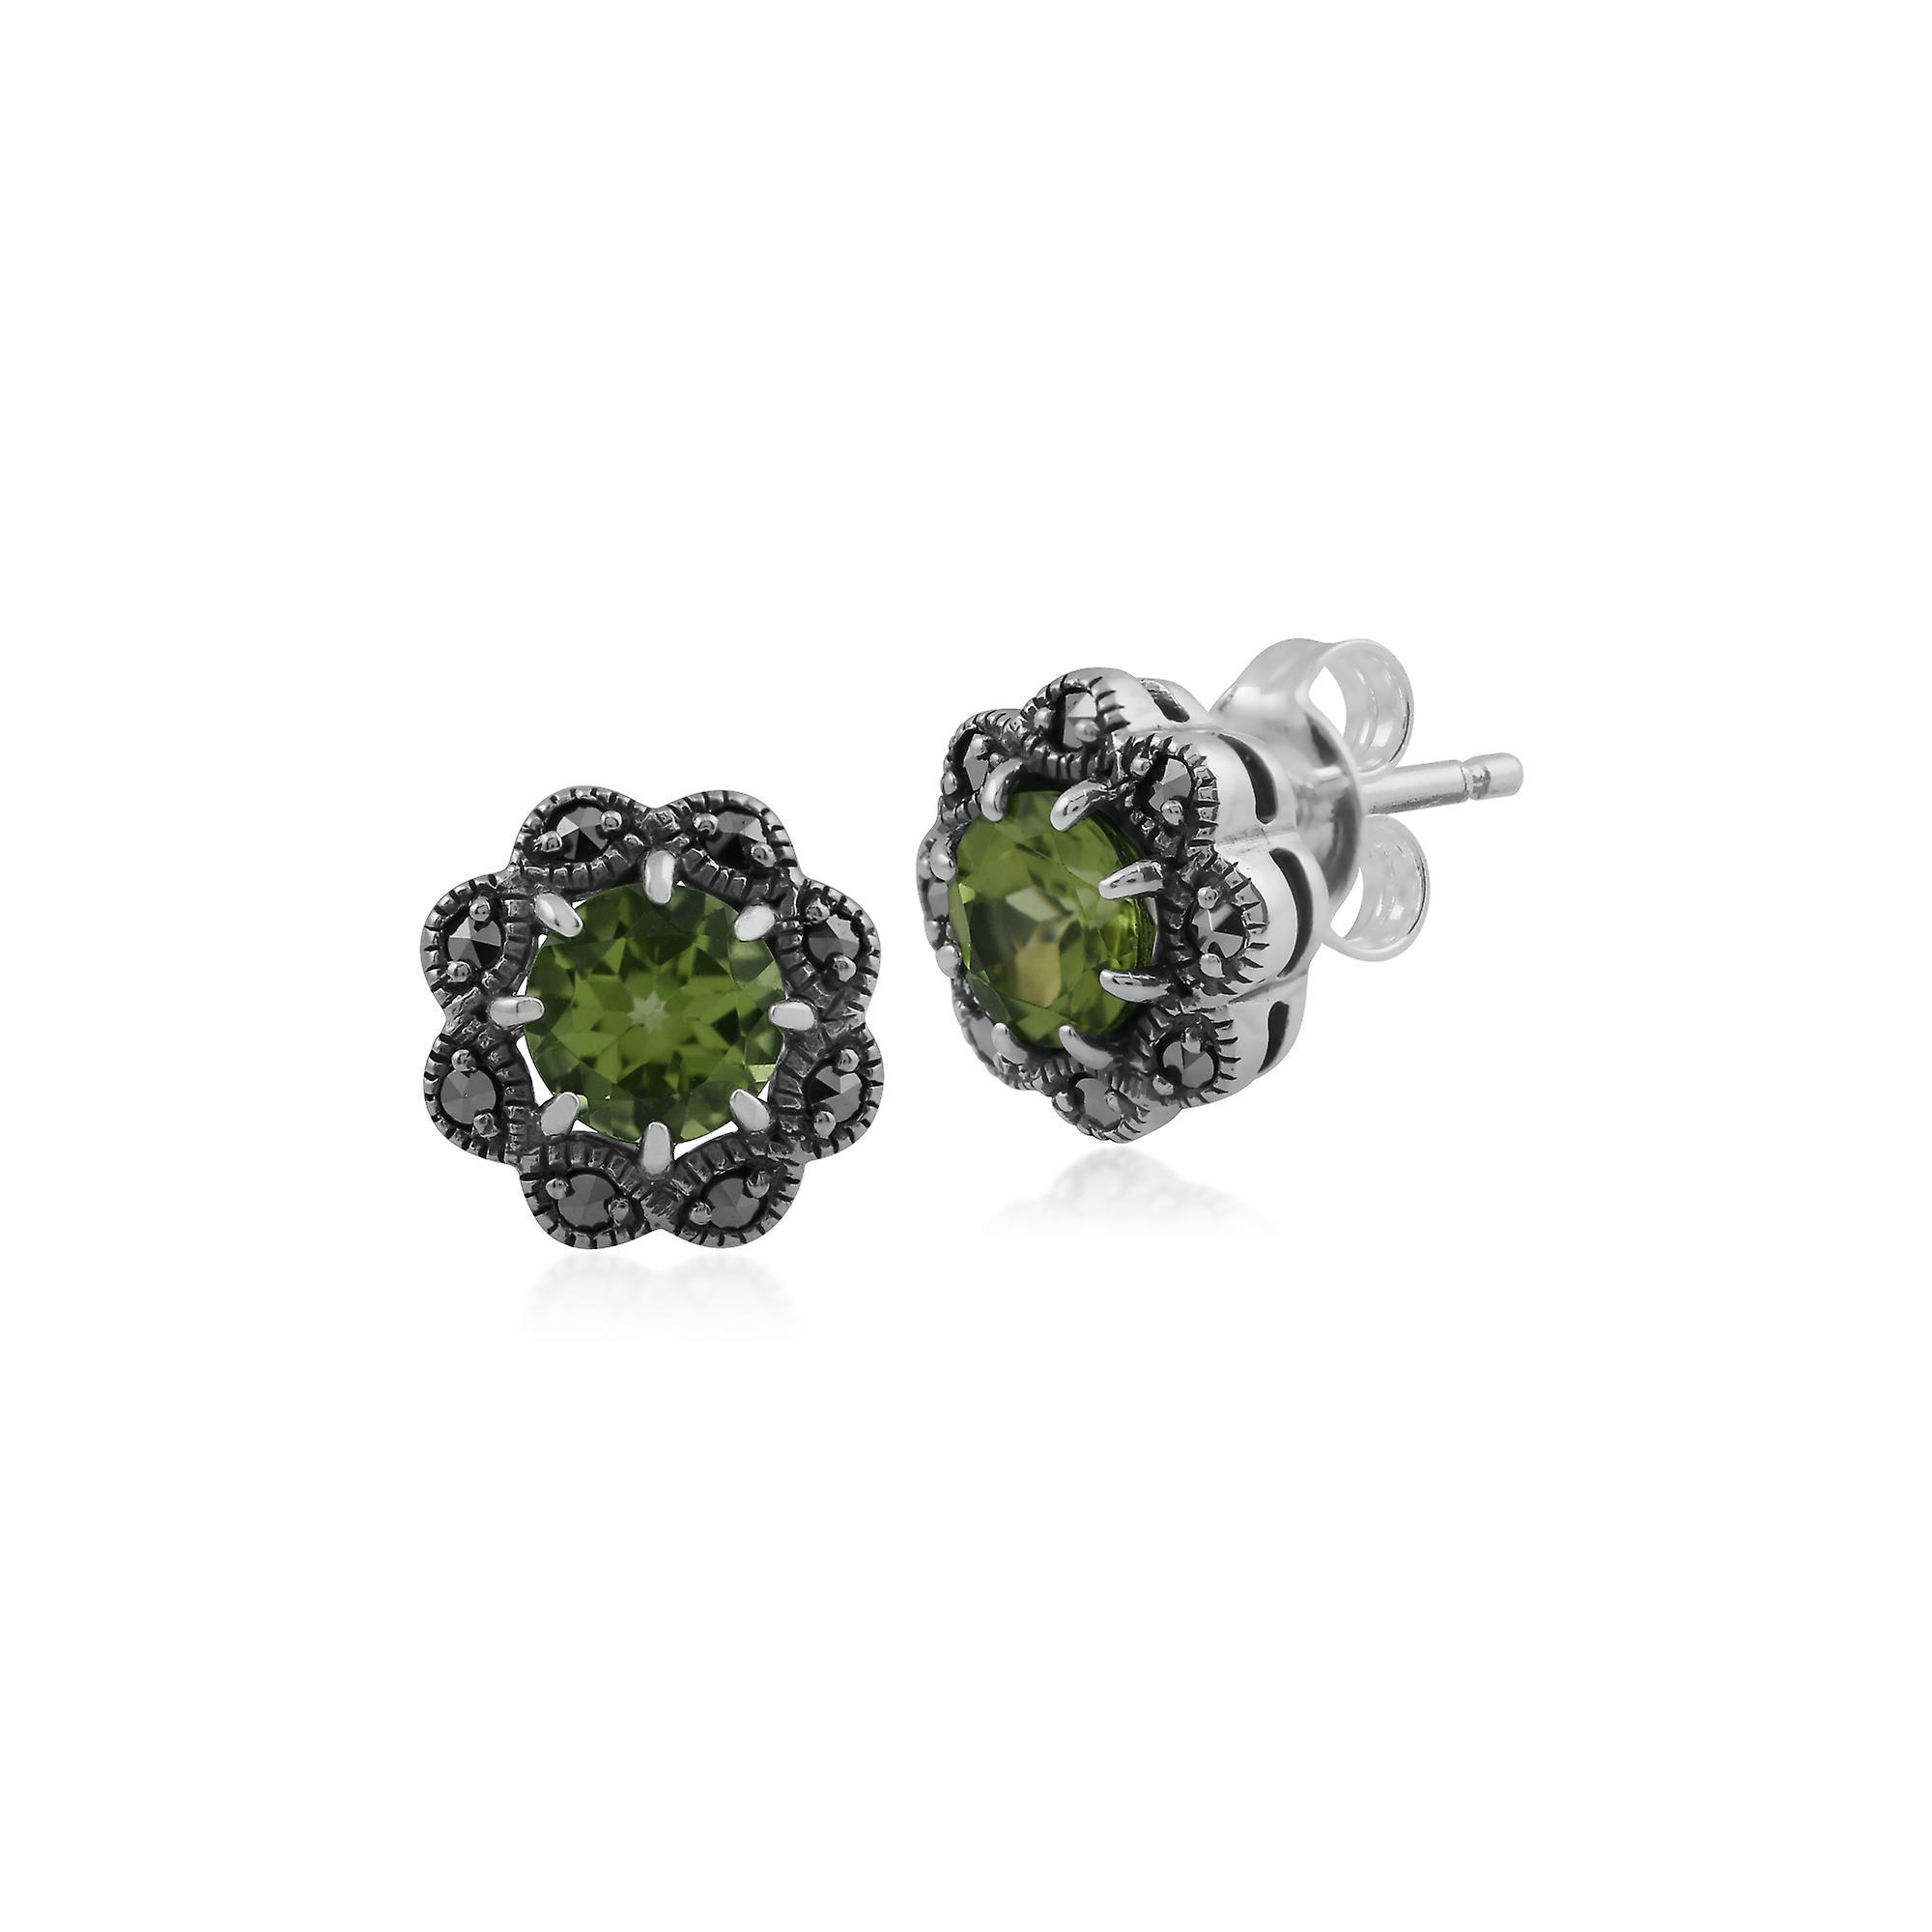 Gemondo Sterling Silver Peridot & Marcasite Art Nouveau Stud Earrings